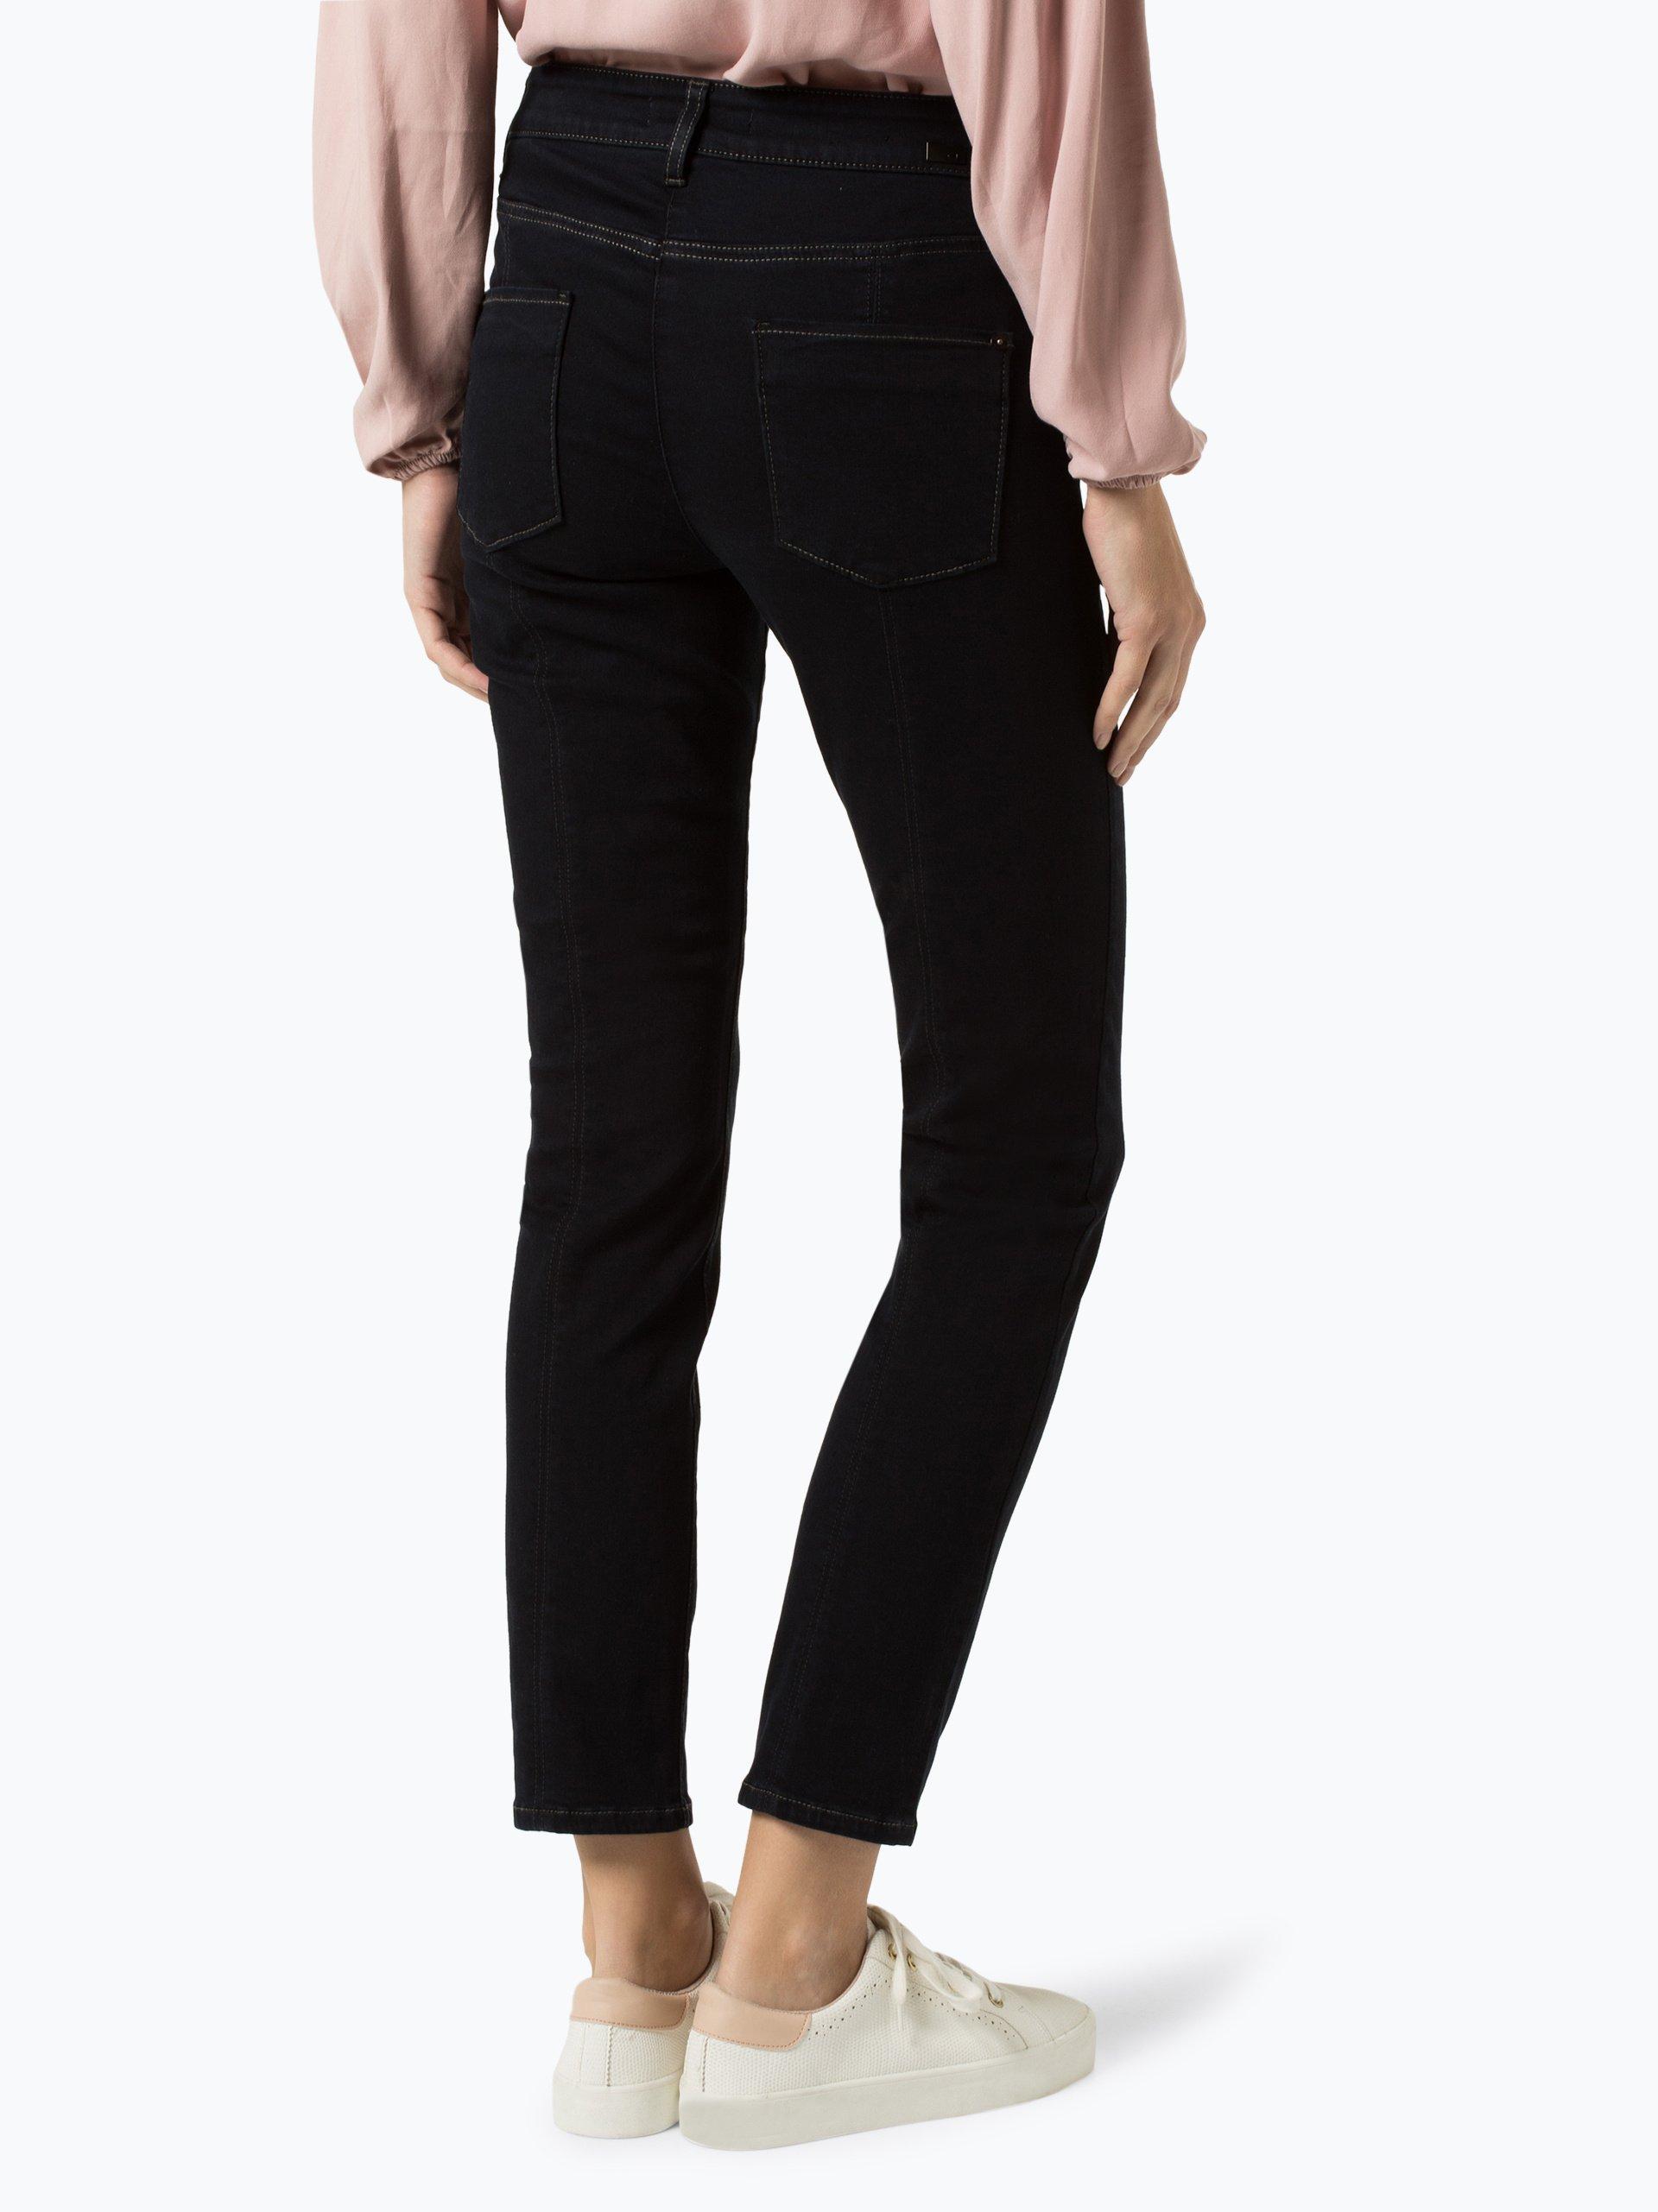 Cambio Damen Jeans - Piera